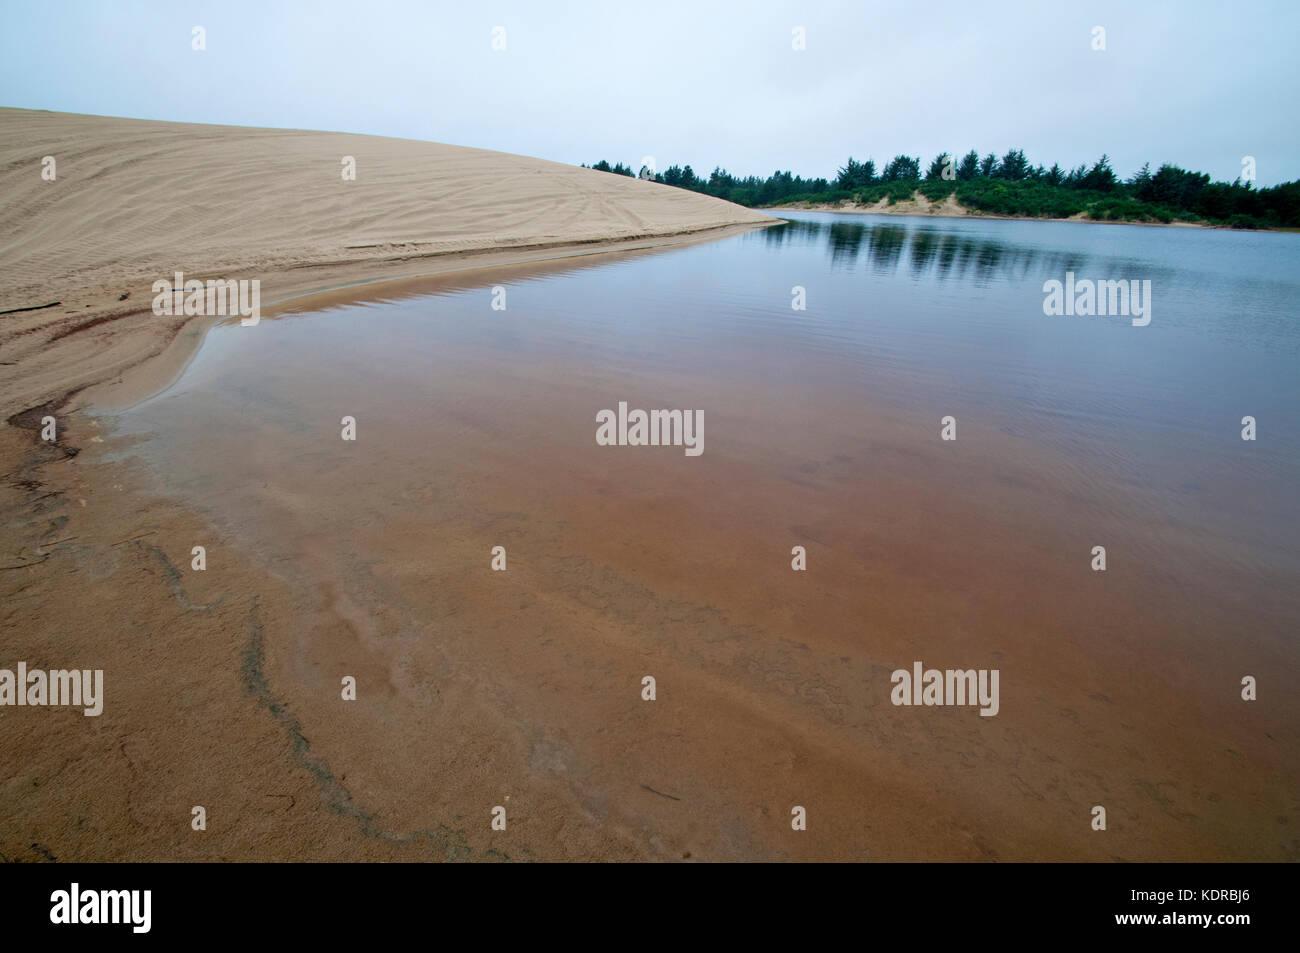 Natürliche Wasser Teich auf den Sanddünen, Florence, Oregon Stockbild